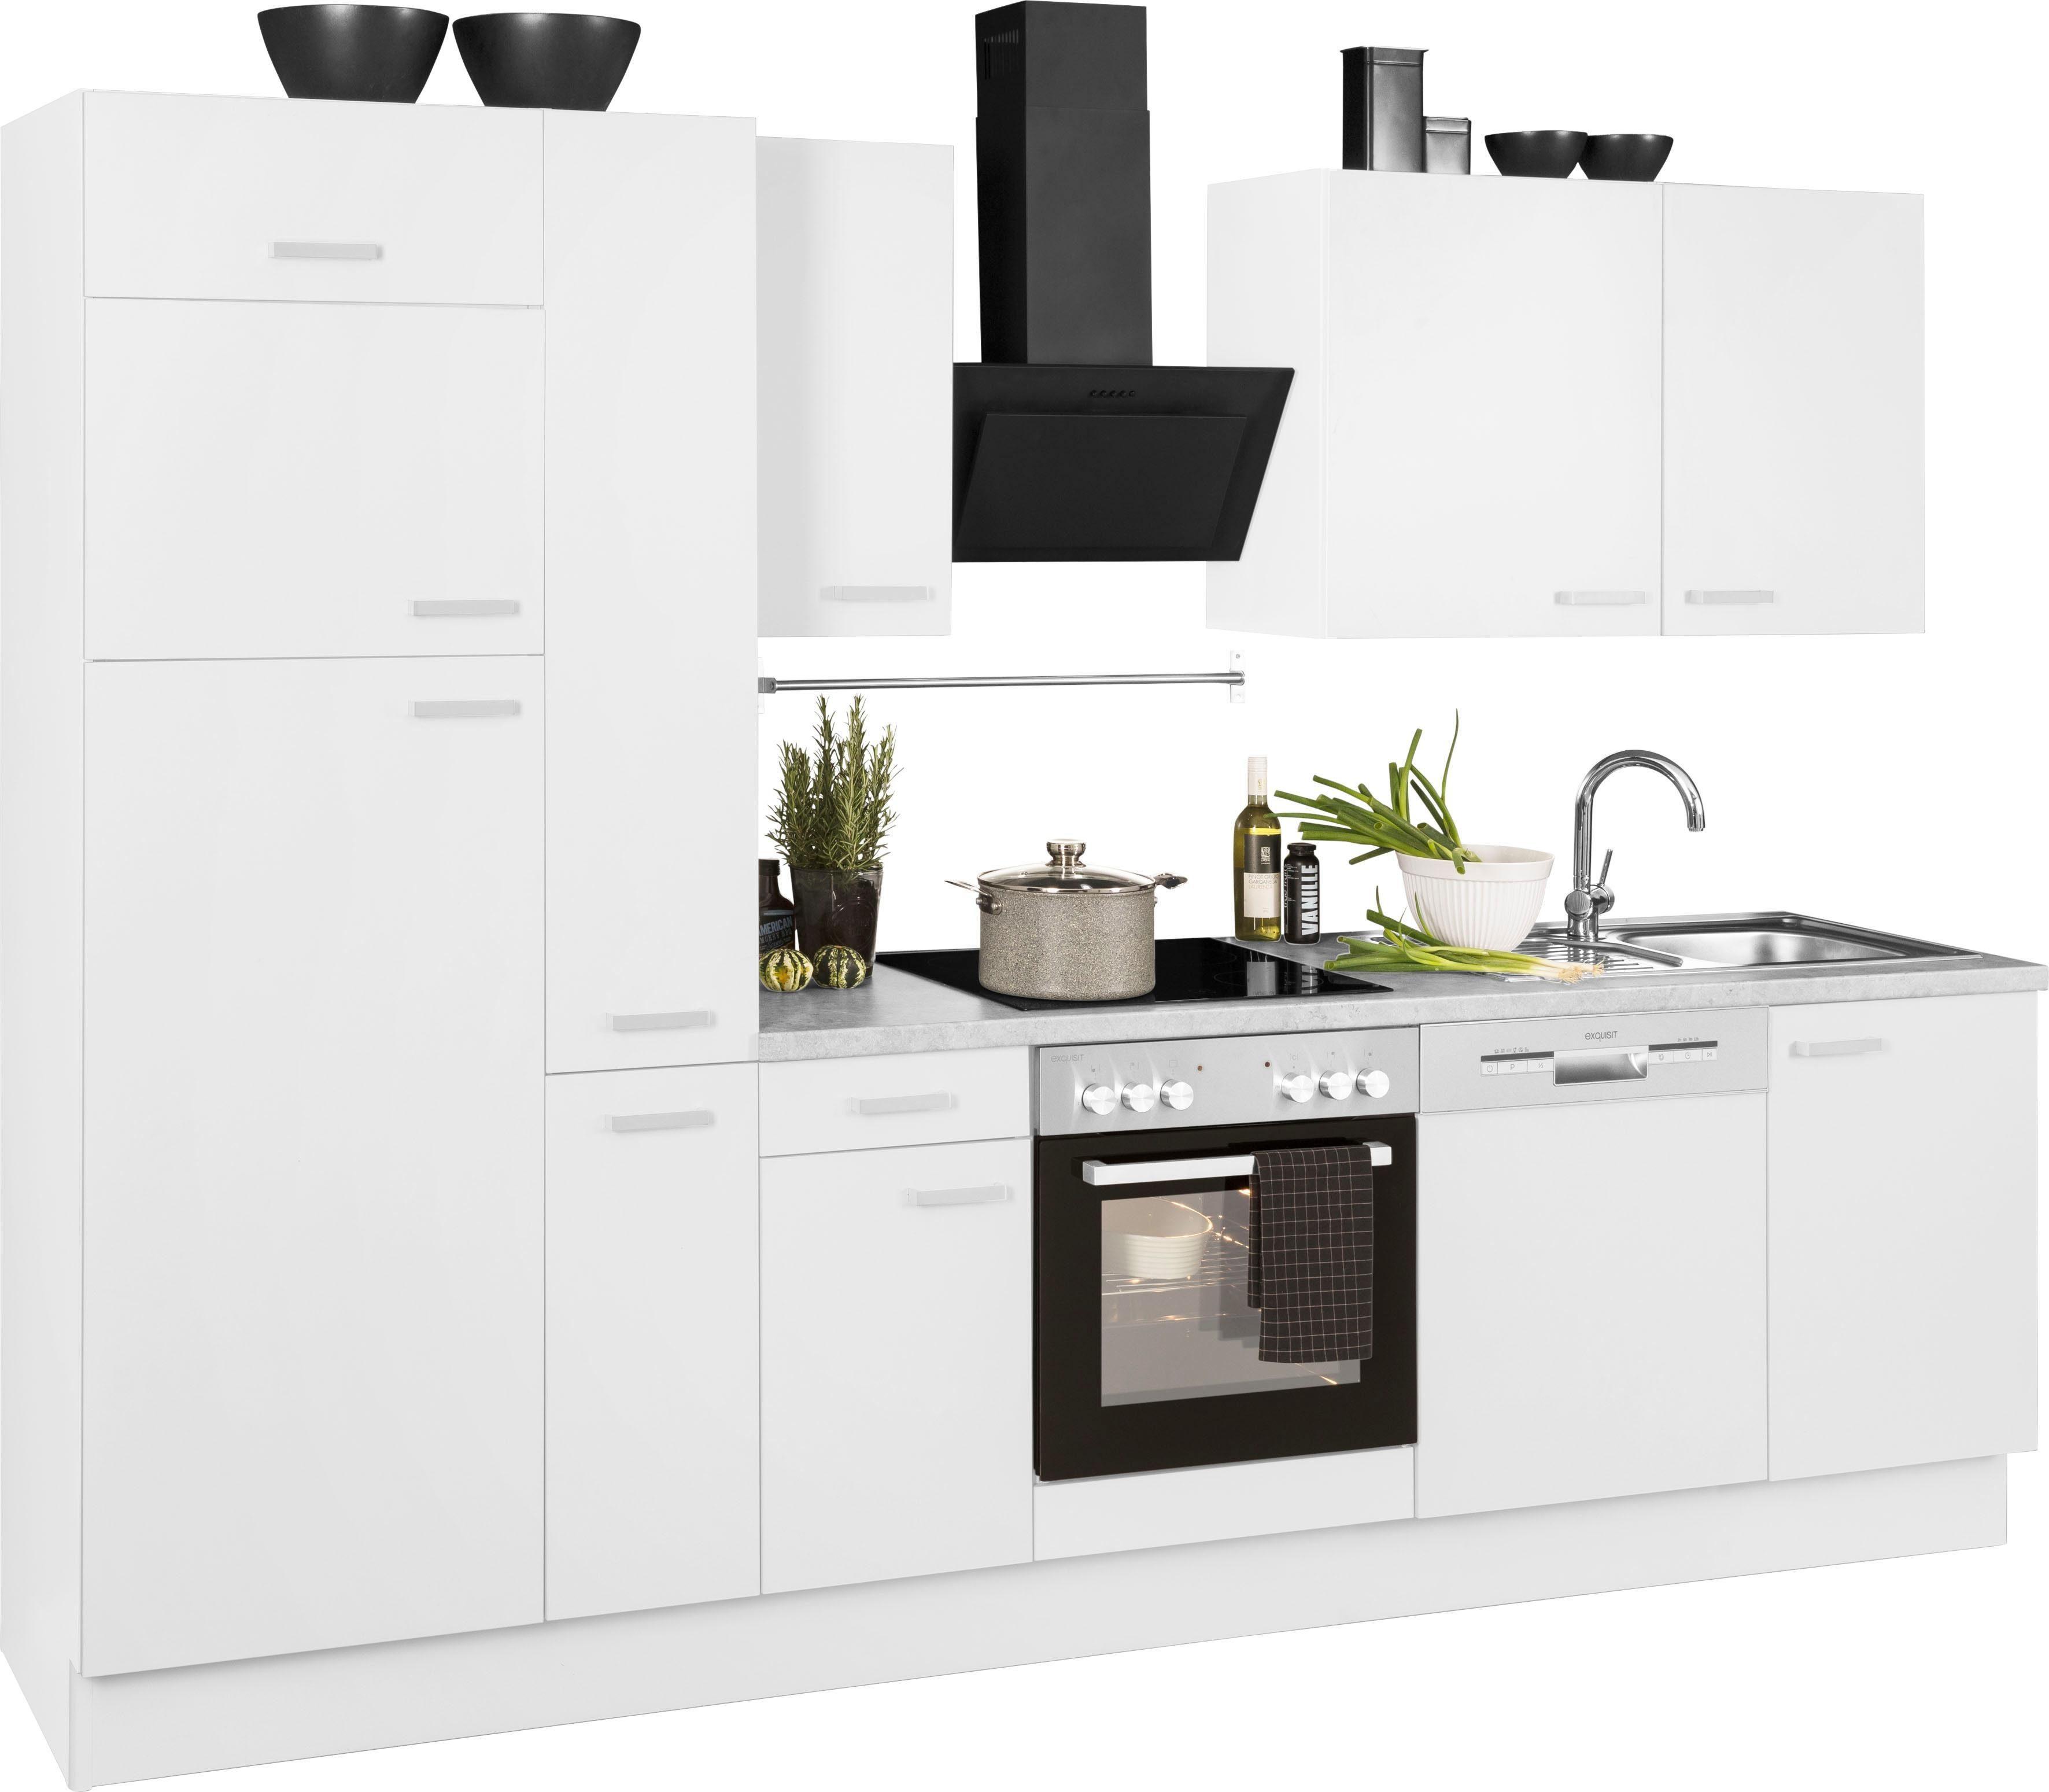 OPTIFIT Küchenzeile Parma Wohnen/Möbel/Küchenmöbel/Küchenzeilen & -blöcke/Küchenzeilen mit Geräten